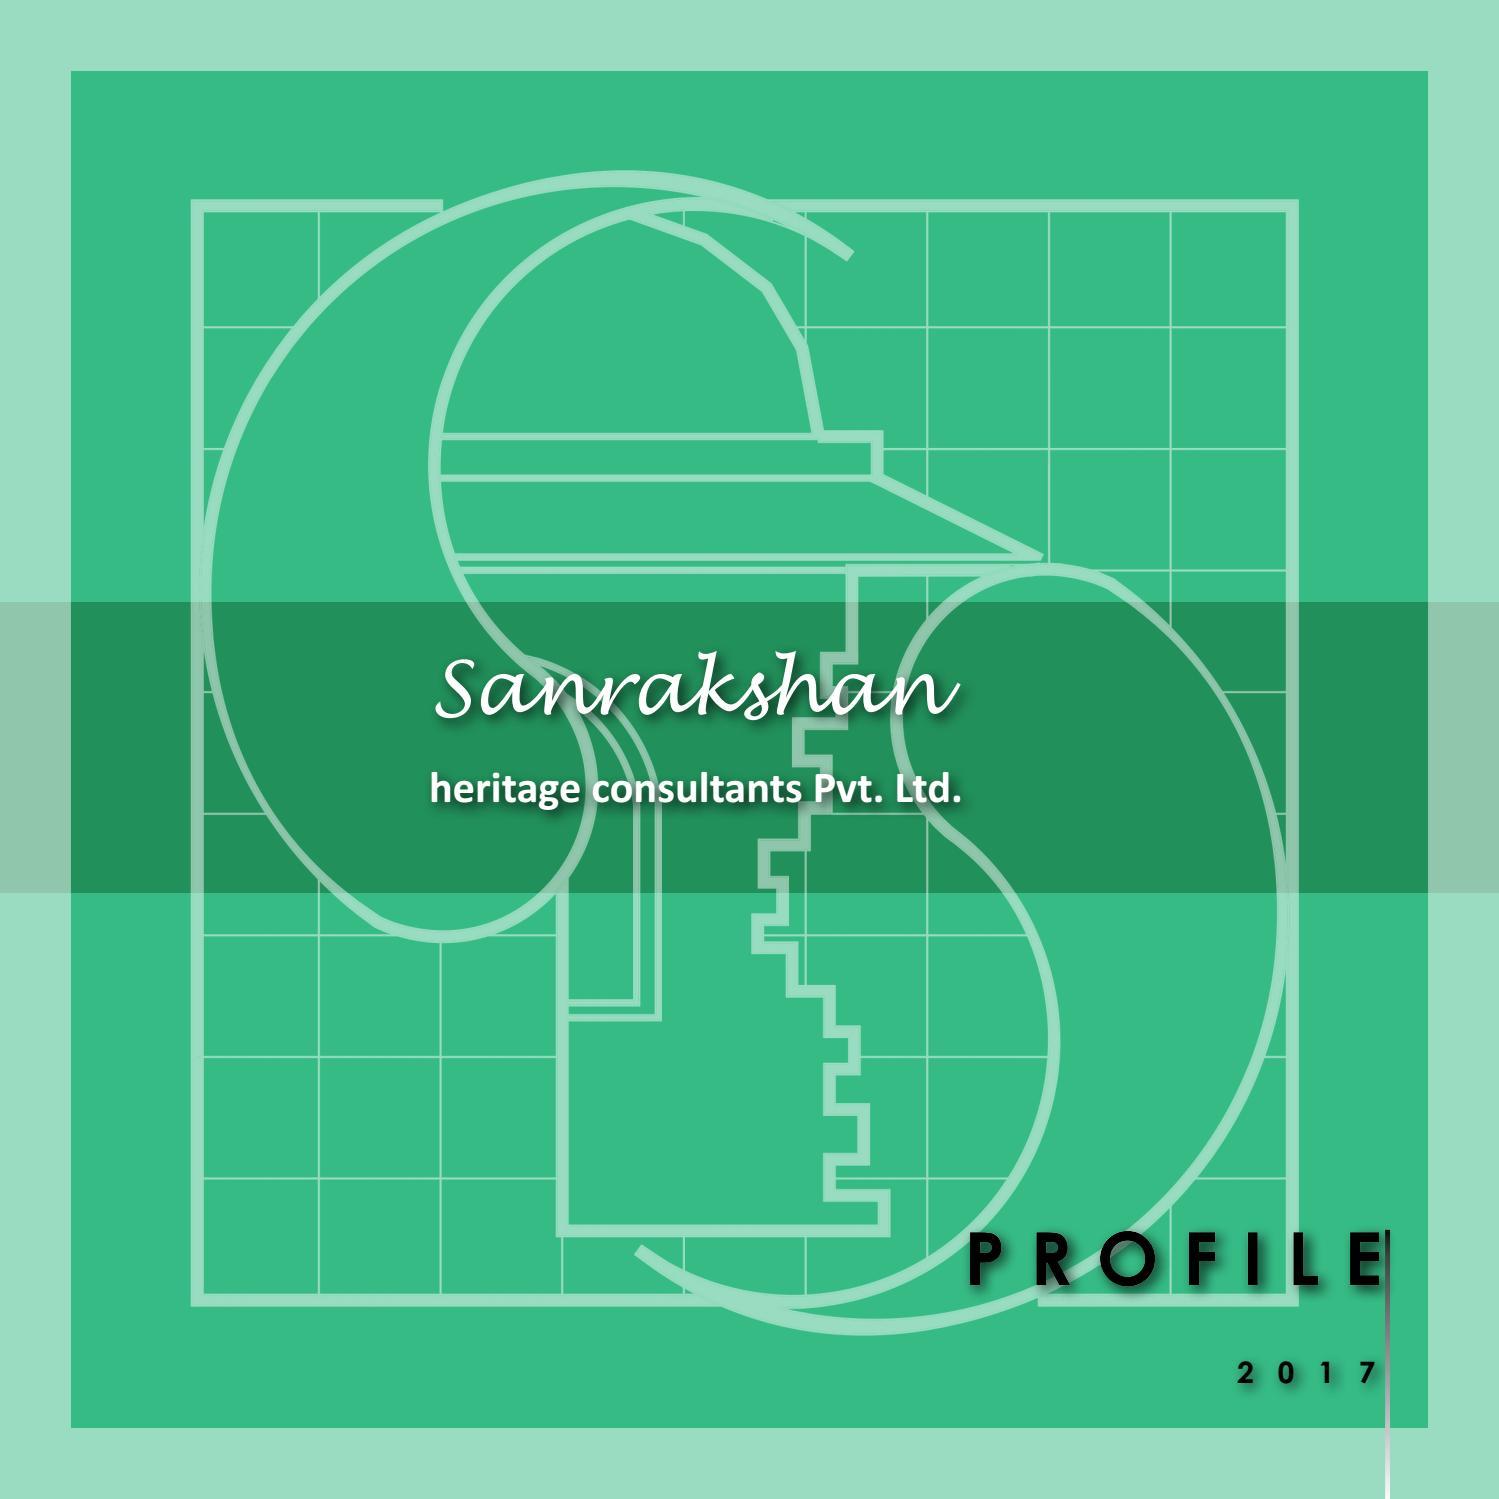 SANRAKSHAN PROFILE 2017 by Sanrakshan - issuu